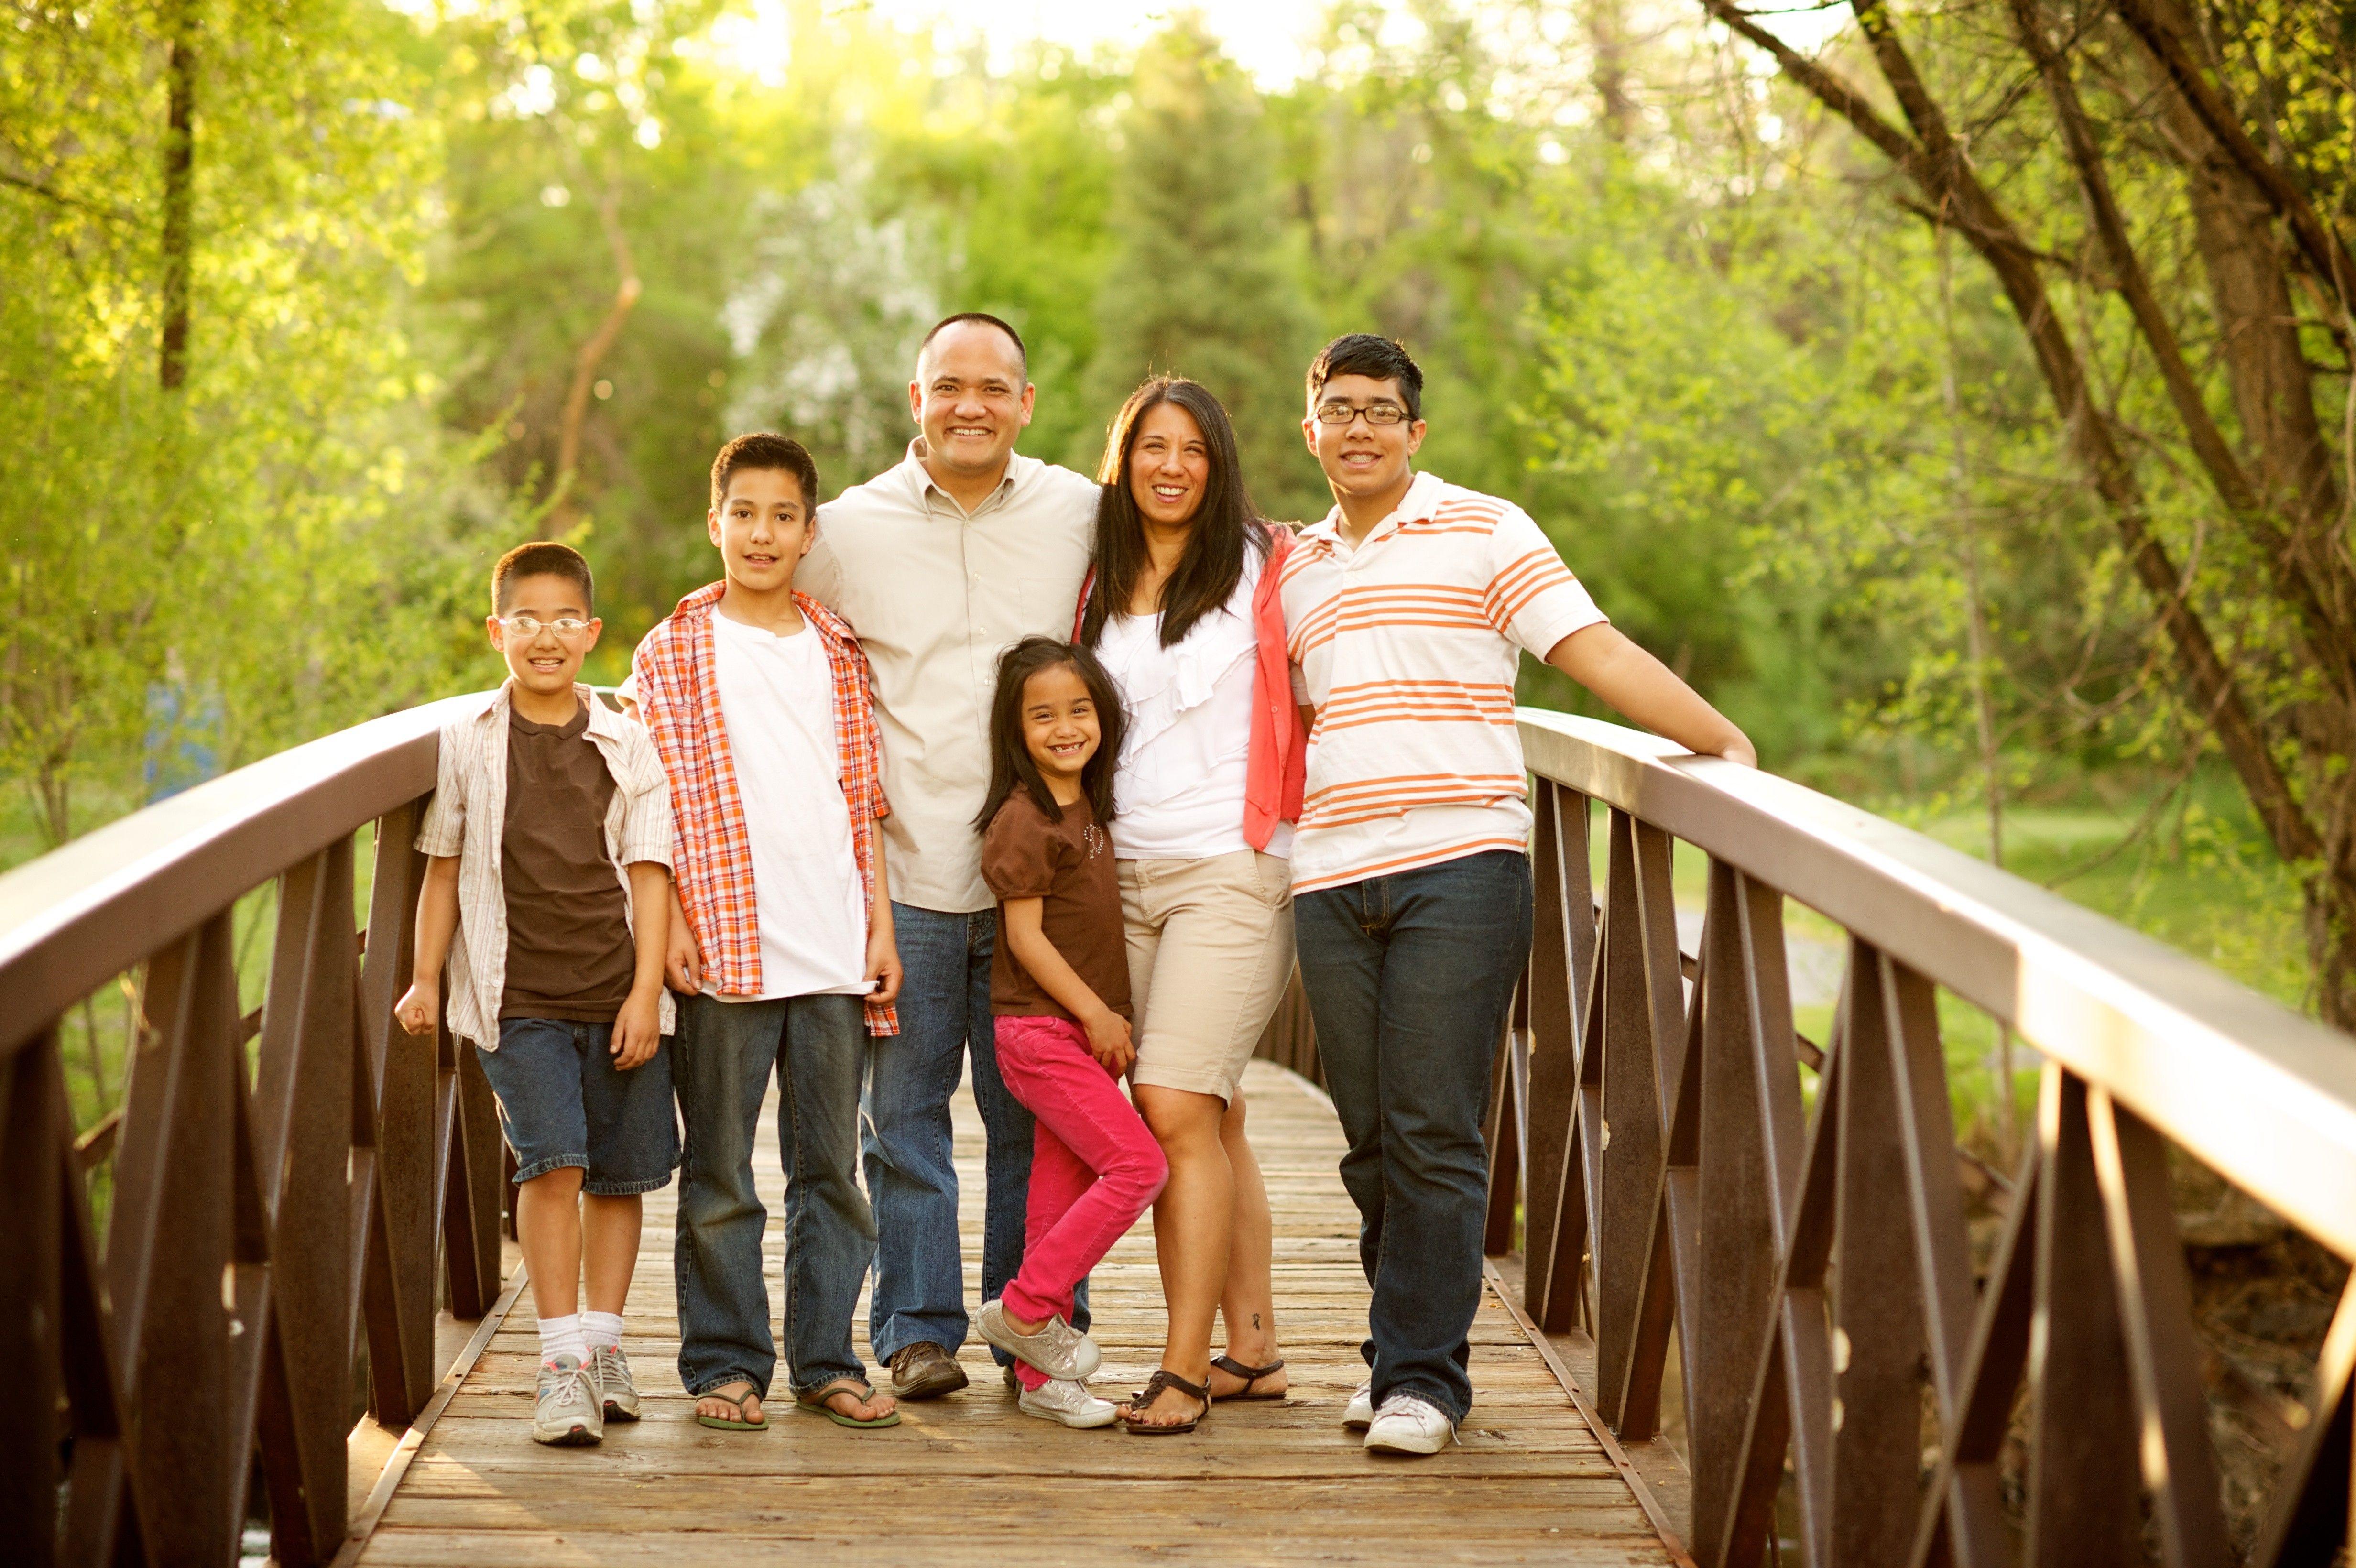 A family has their portrait taken on a bridge.